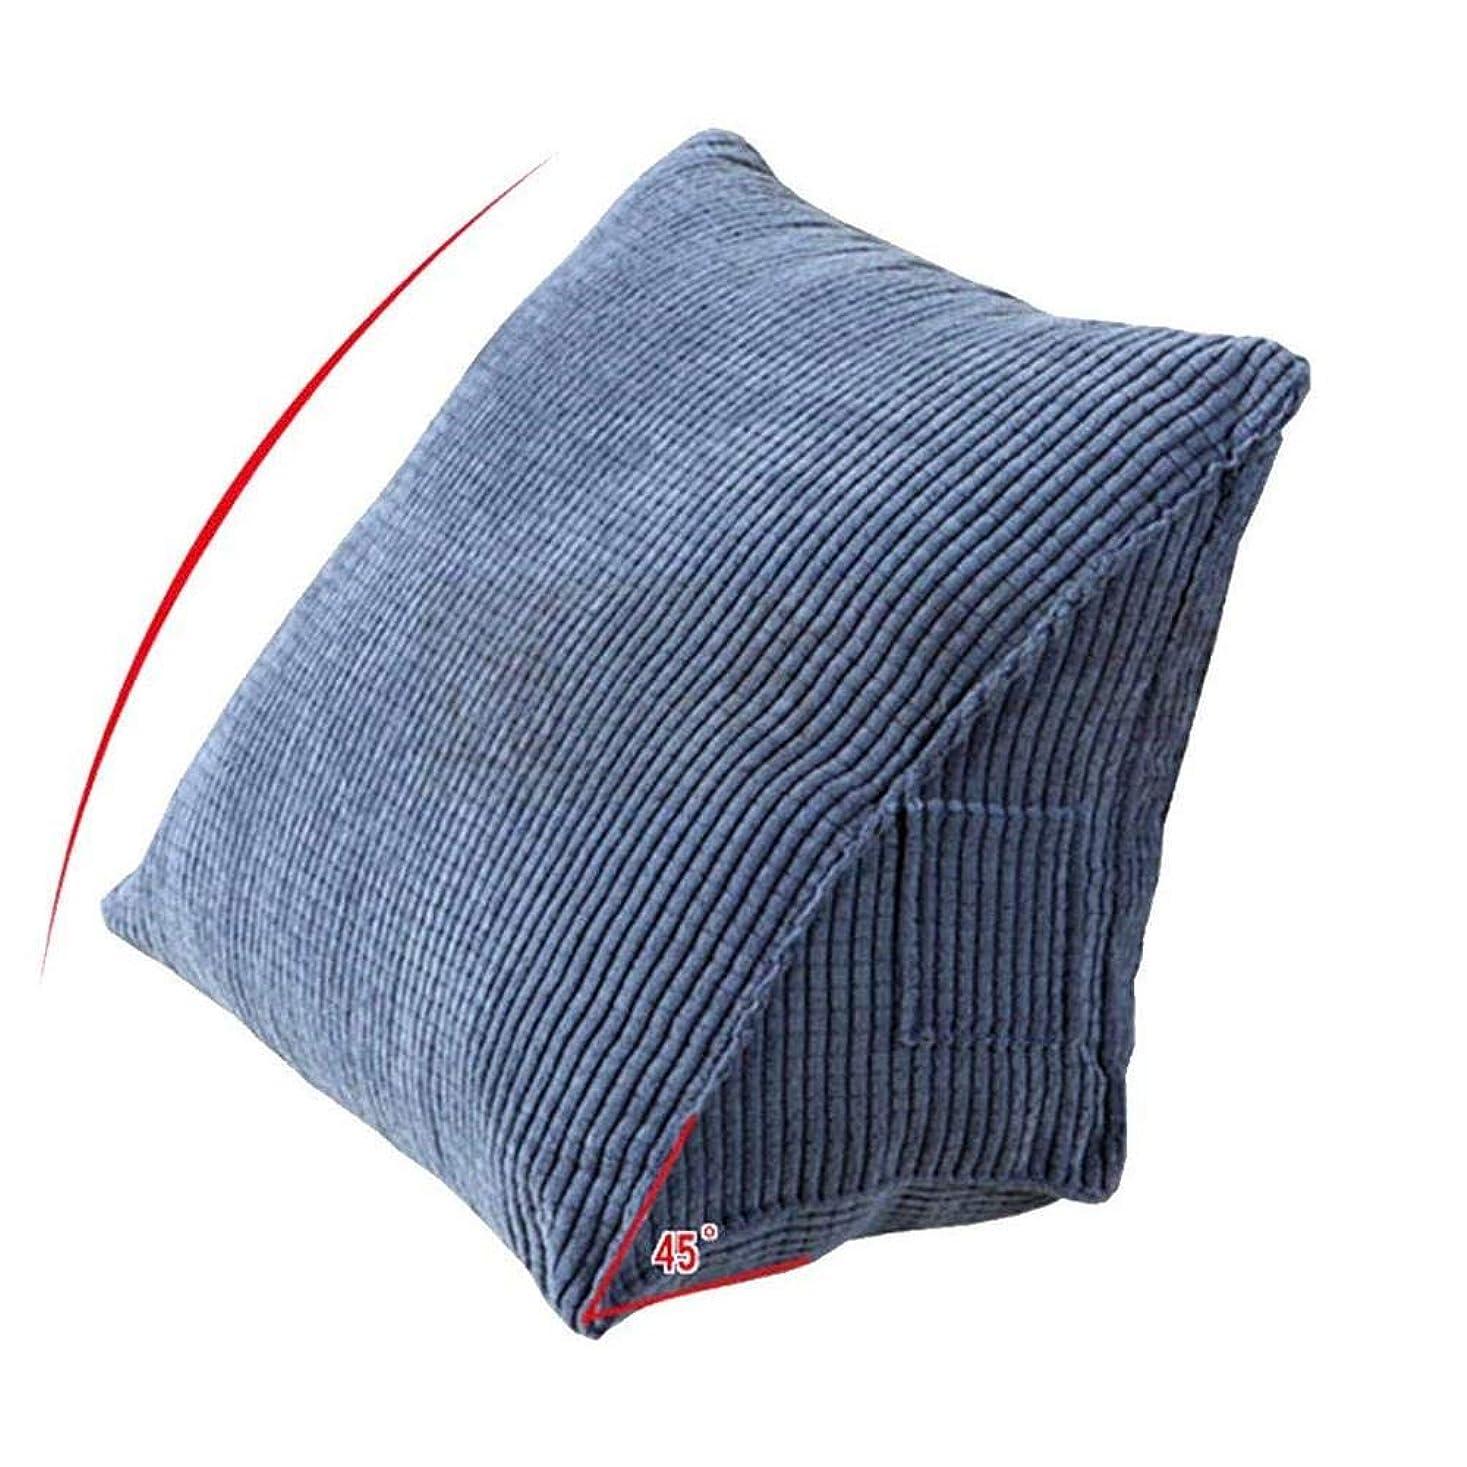 なぜなら突き刺すに賛成【K`SMTRY】 腰枕 腰痛 クッション 就寝 オフィス 硬い 飛行機 旅行用 携帯 睡眠 快眠 妊婦 座椅子 車 低反発 持ち運び可能